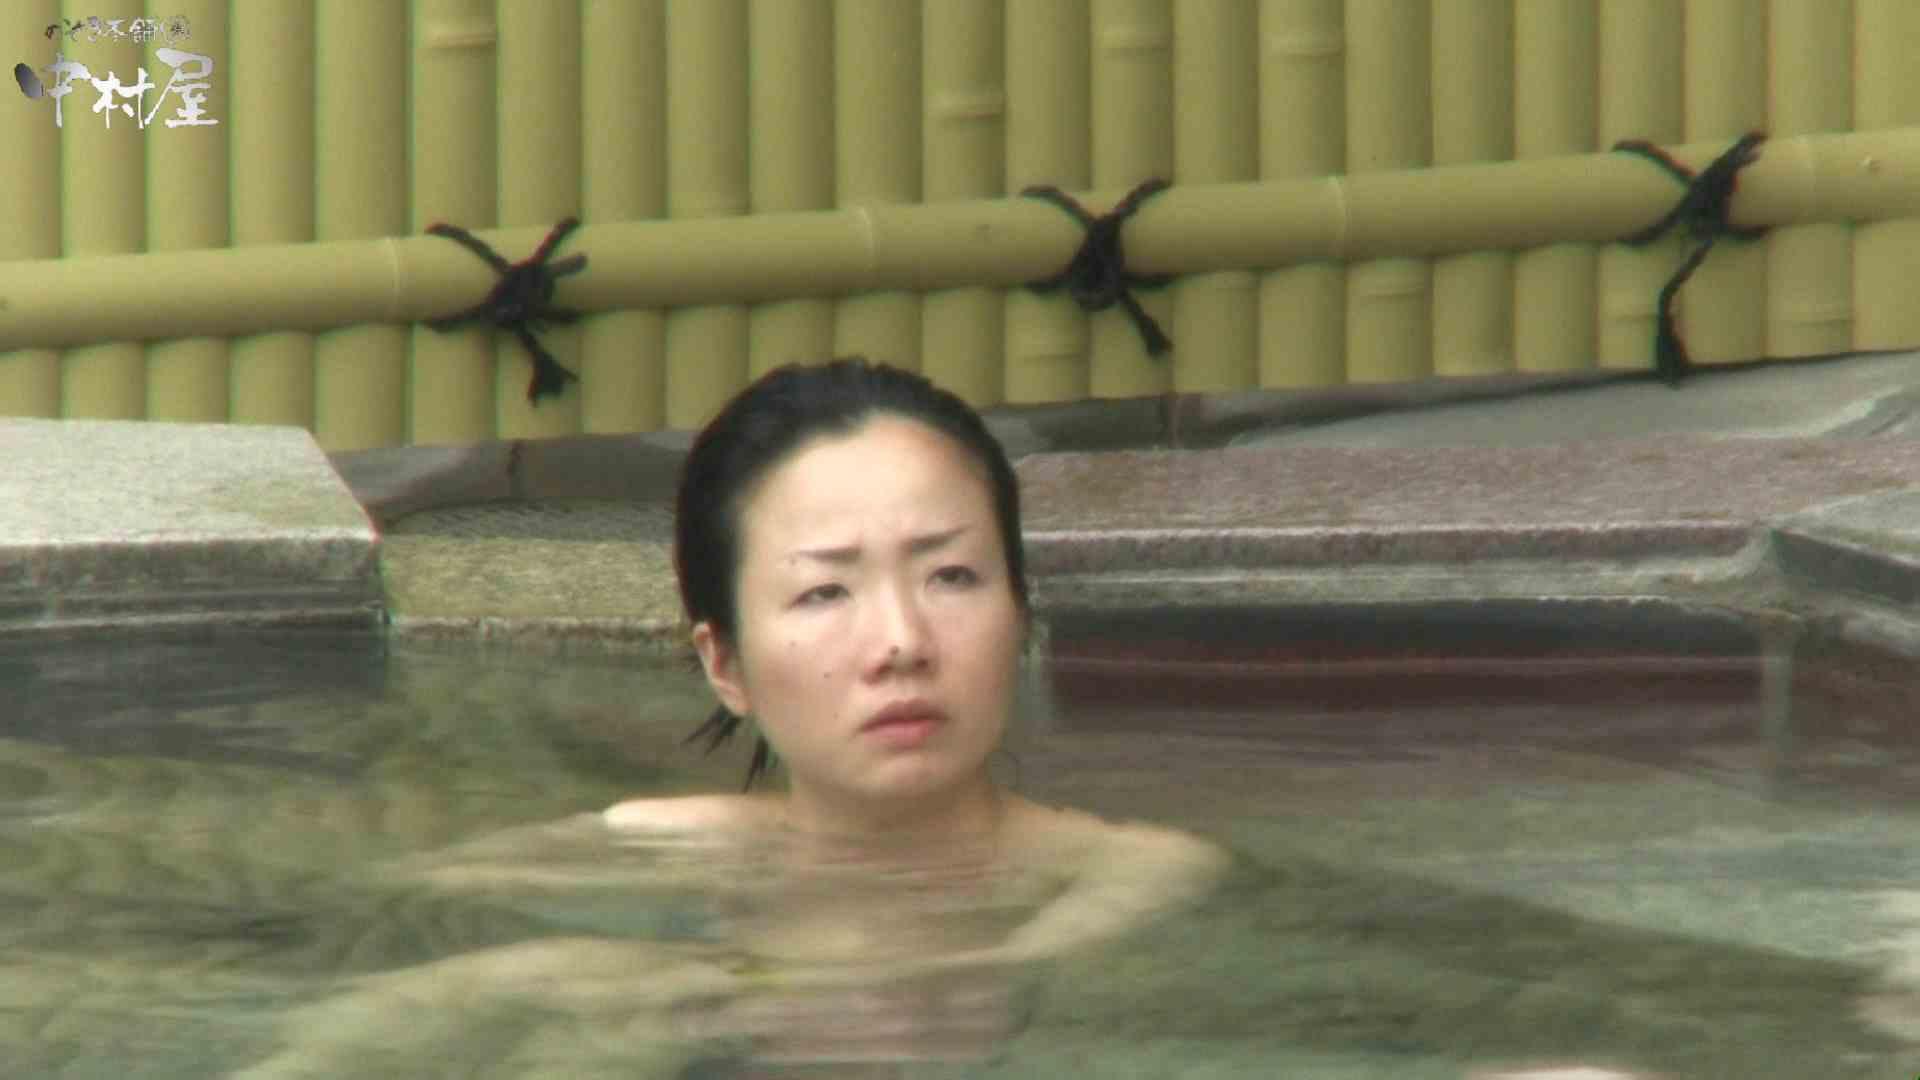 Aquaな露天風呂Vol.950 露天 | 盗撮  61画像 1